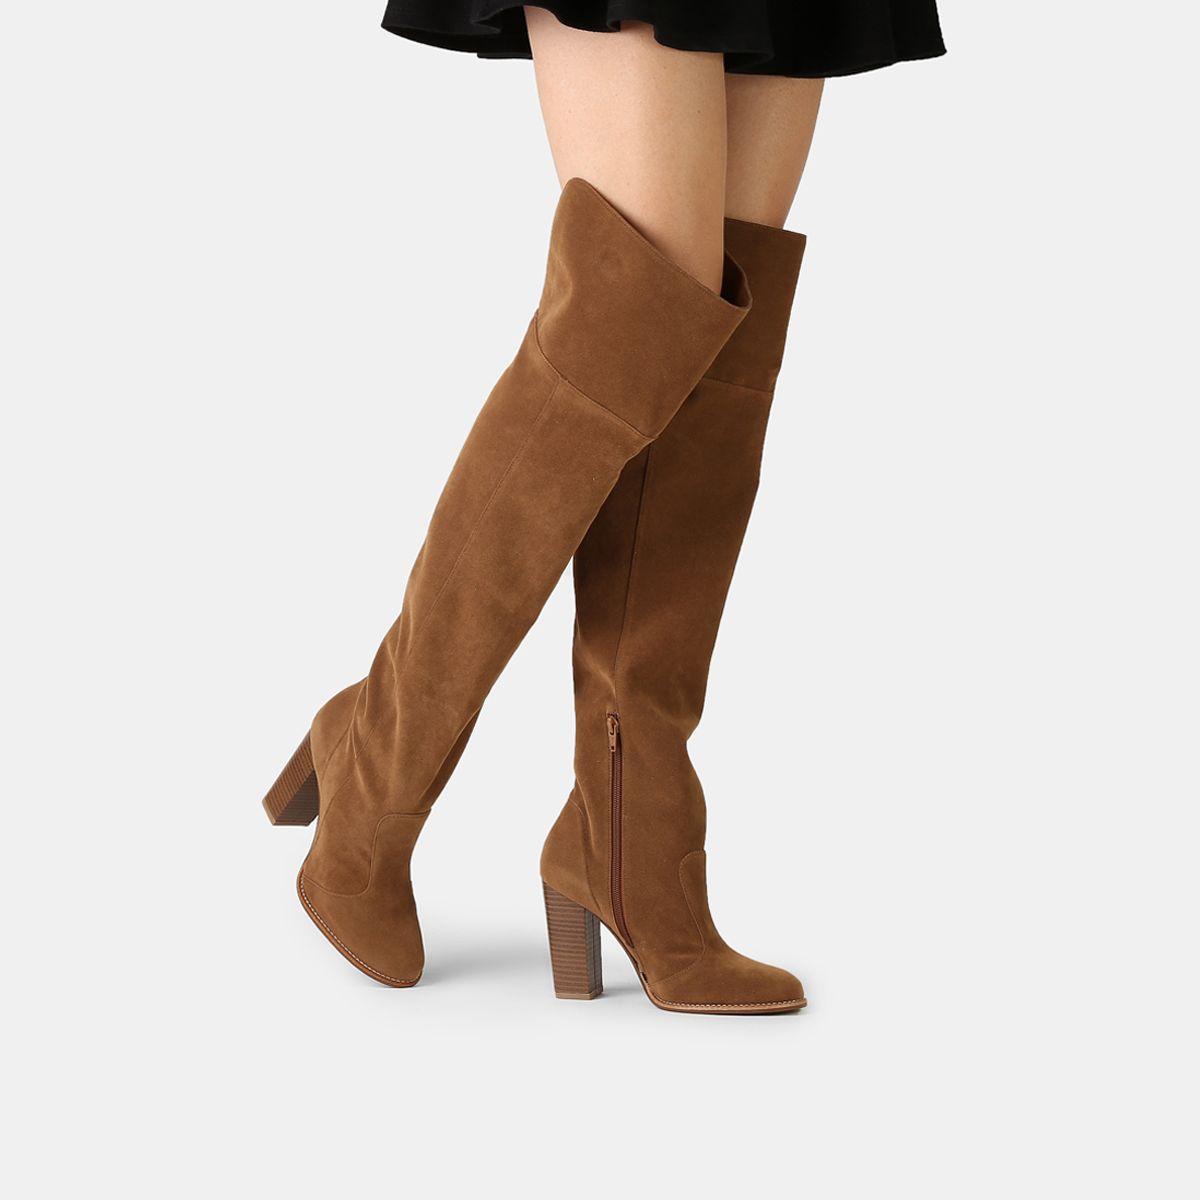 b49adad4c Compre Bota Mixage Over the Knee Salto Grosso Caramelo na Zattini a nova  loja de moda